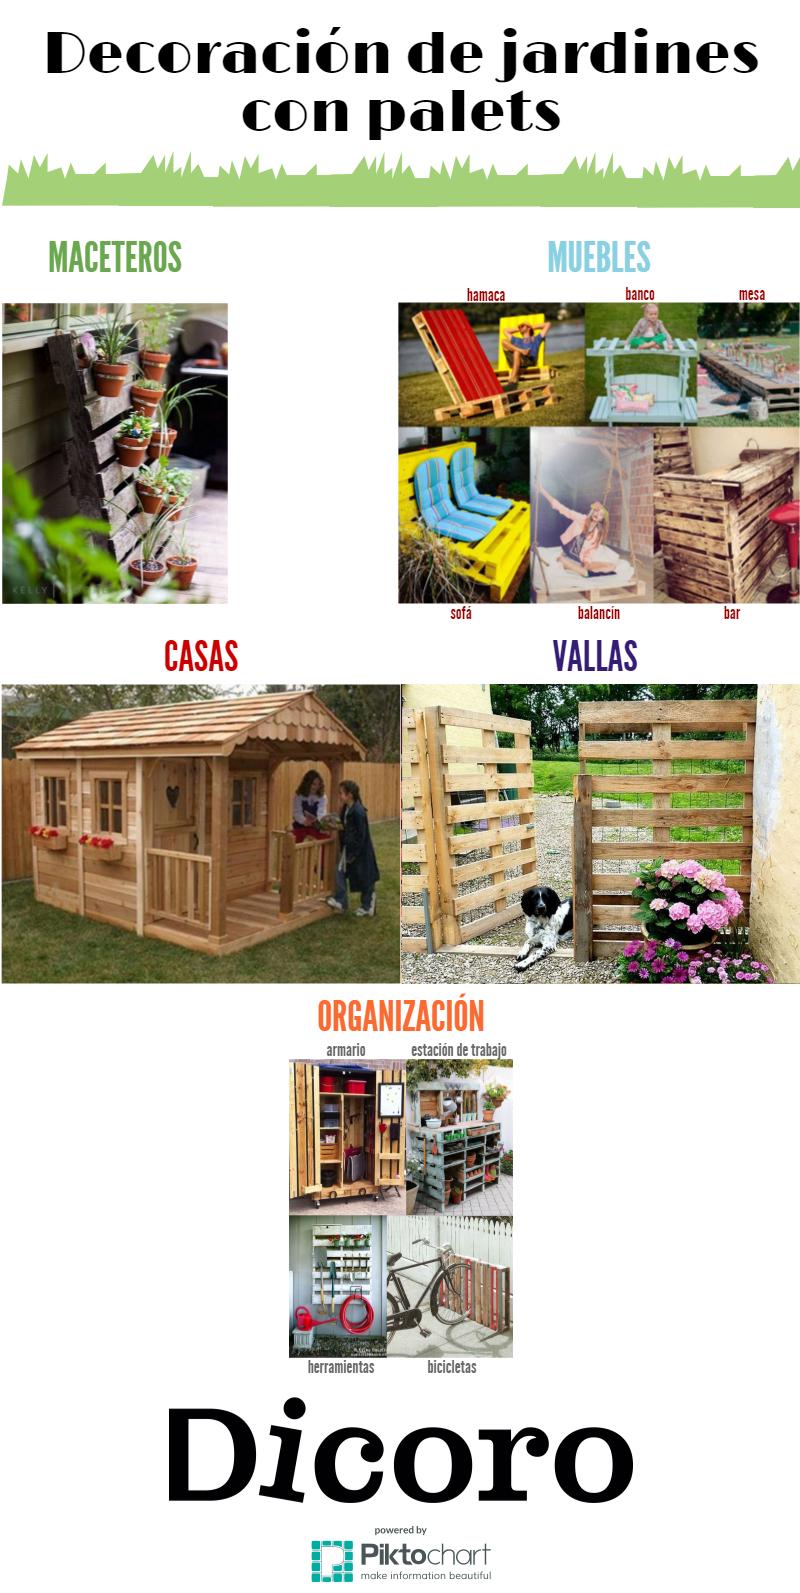 Ideas para la decoraci n de jardines con palets for Bar de madera persa bio bio